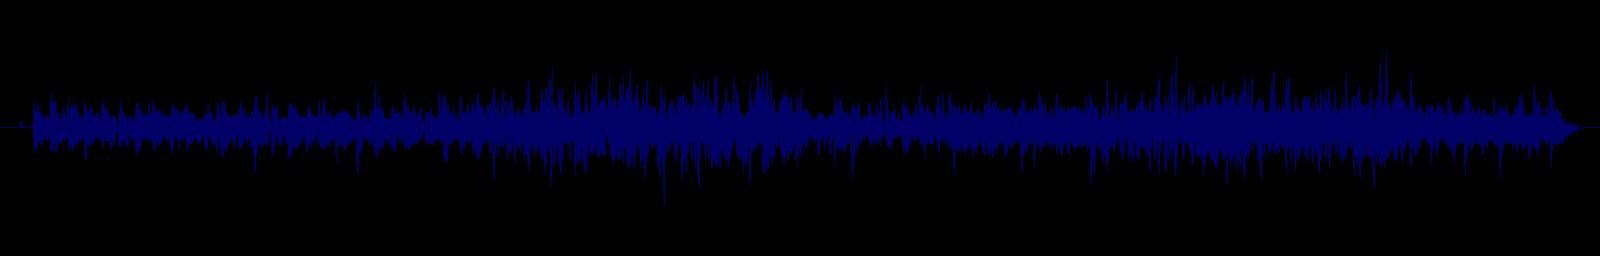 waveform of track #147390